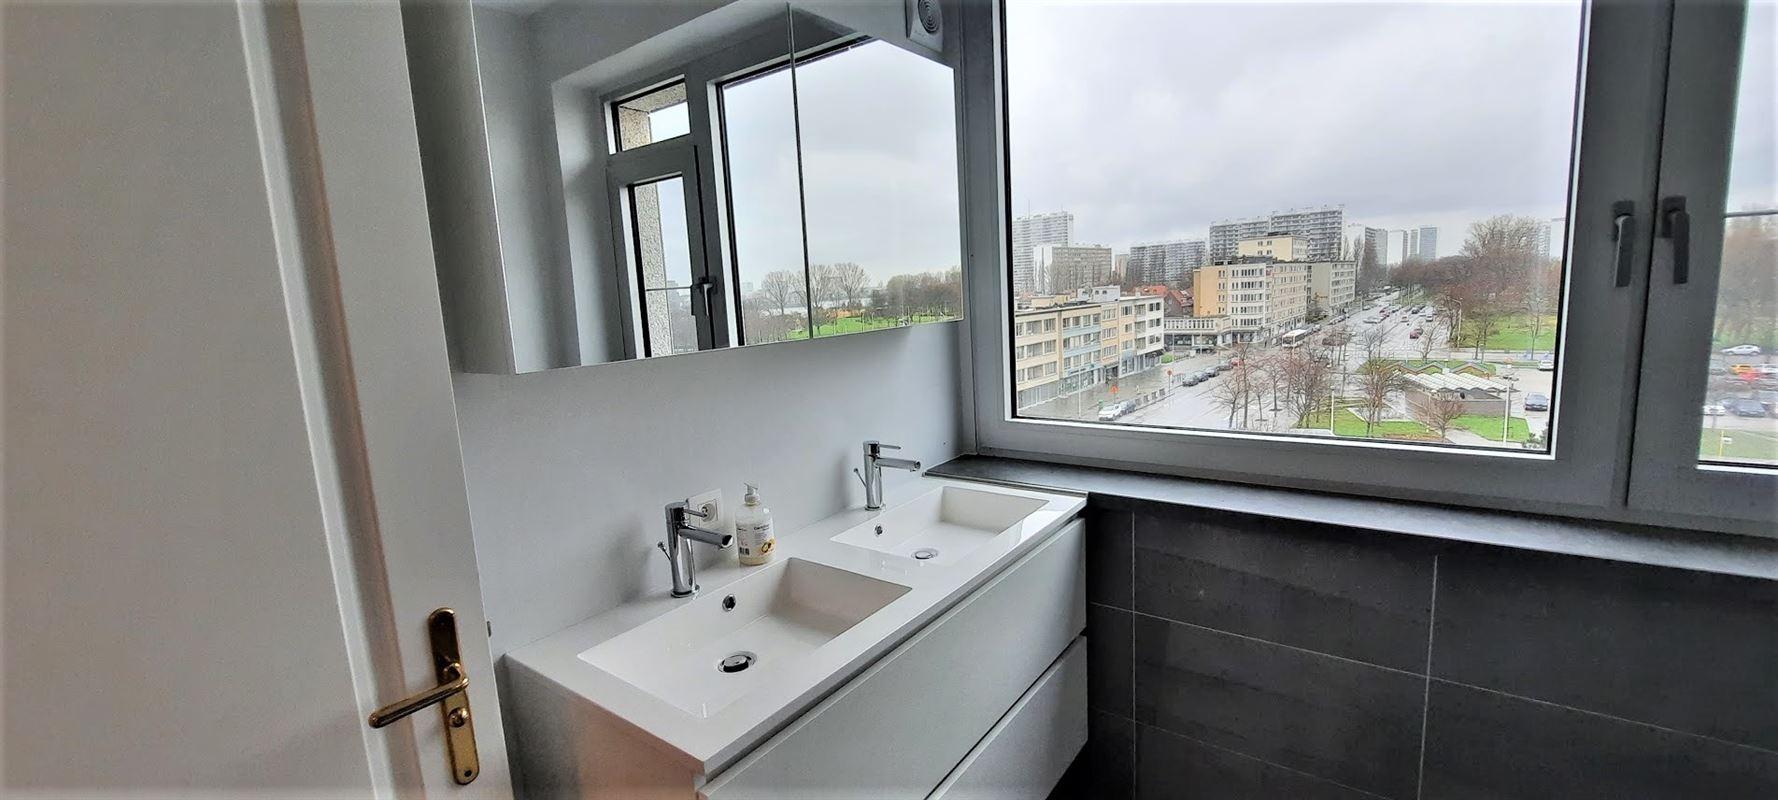 Foto 12 : Appartement te 2050 ANTWERPEN (België) - Prijs € 870